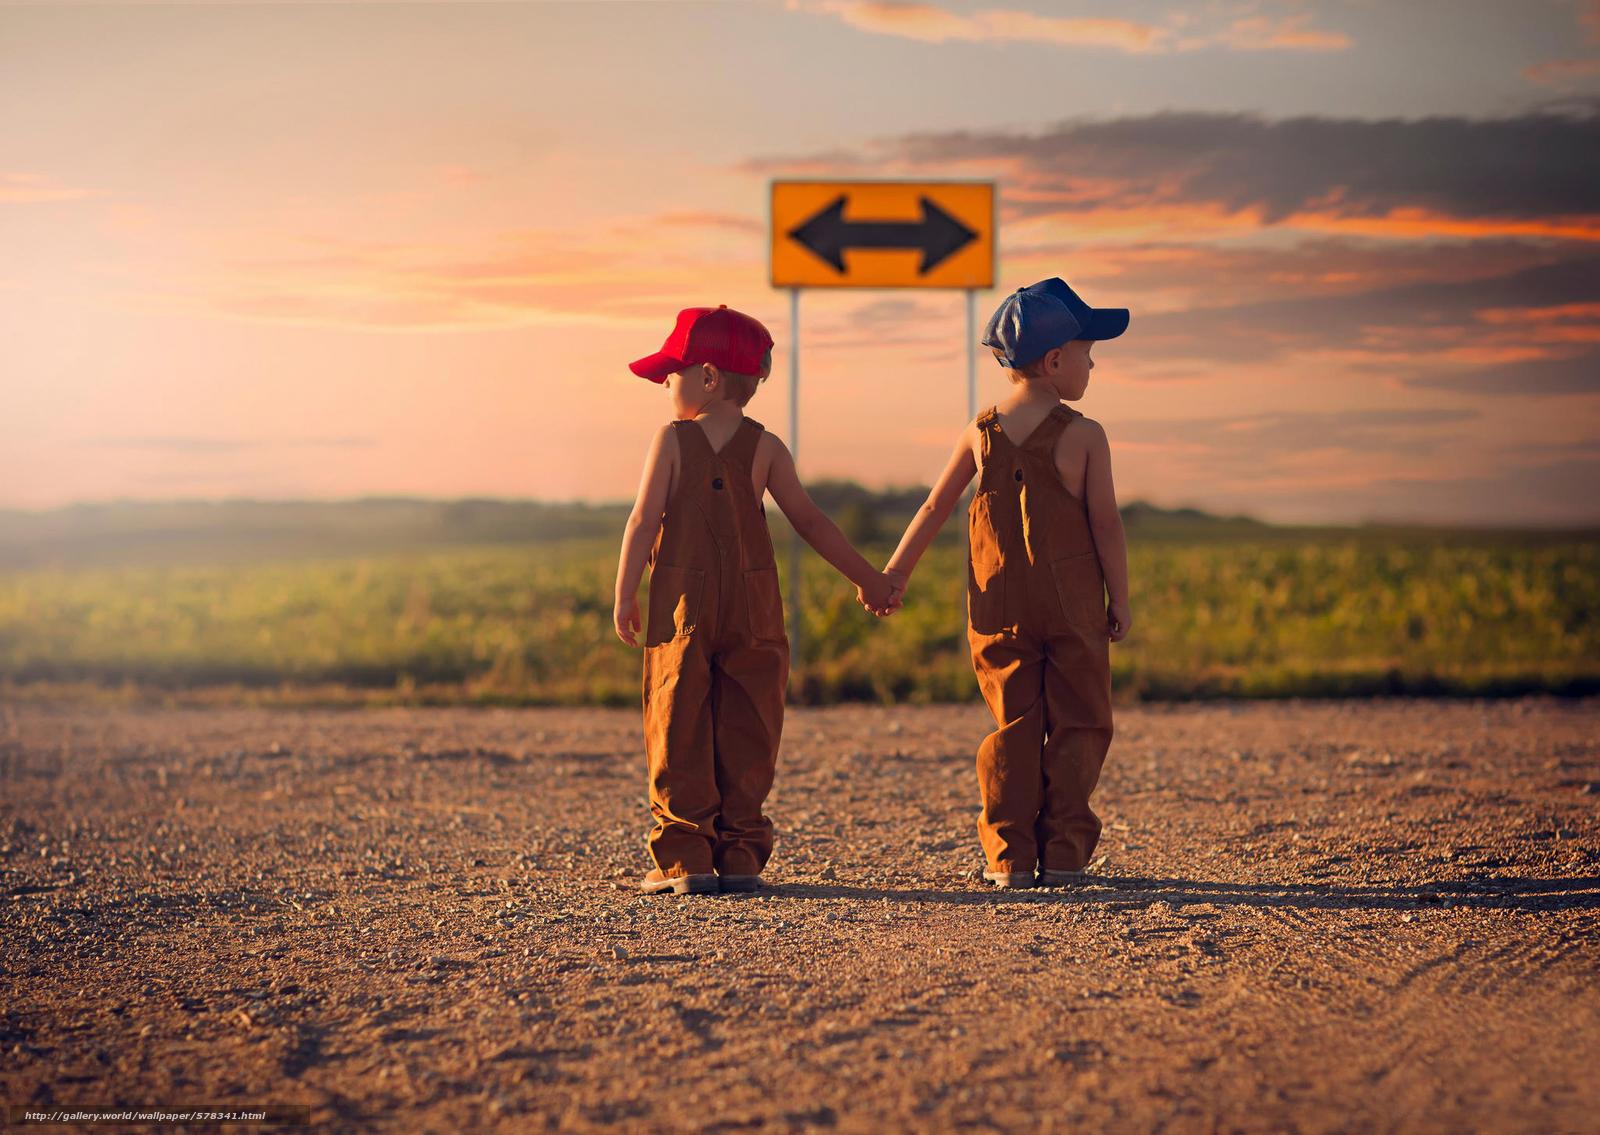 Скачать обои дорога,  указатель,  направление,  дети бесплатно для рабочего стола в разрешении 2048x1453 — картинка №578341